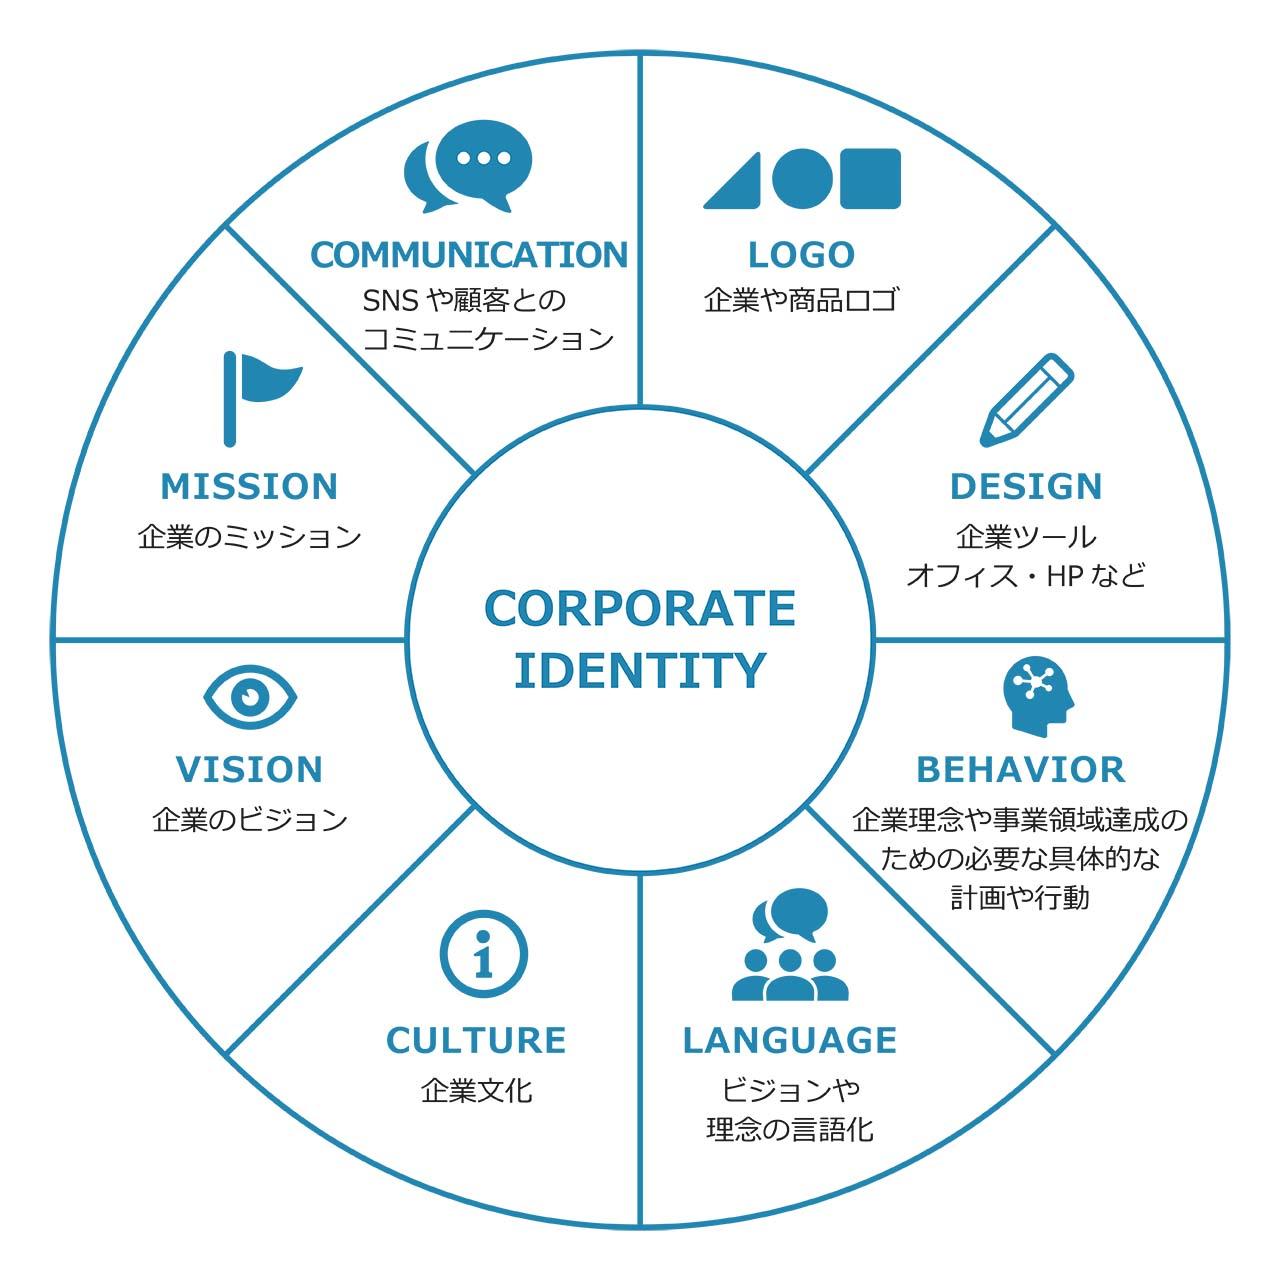 企業経営を変えるCI(コーポレートアイデンティティ)戦略とは